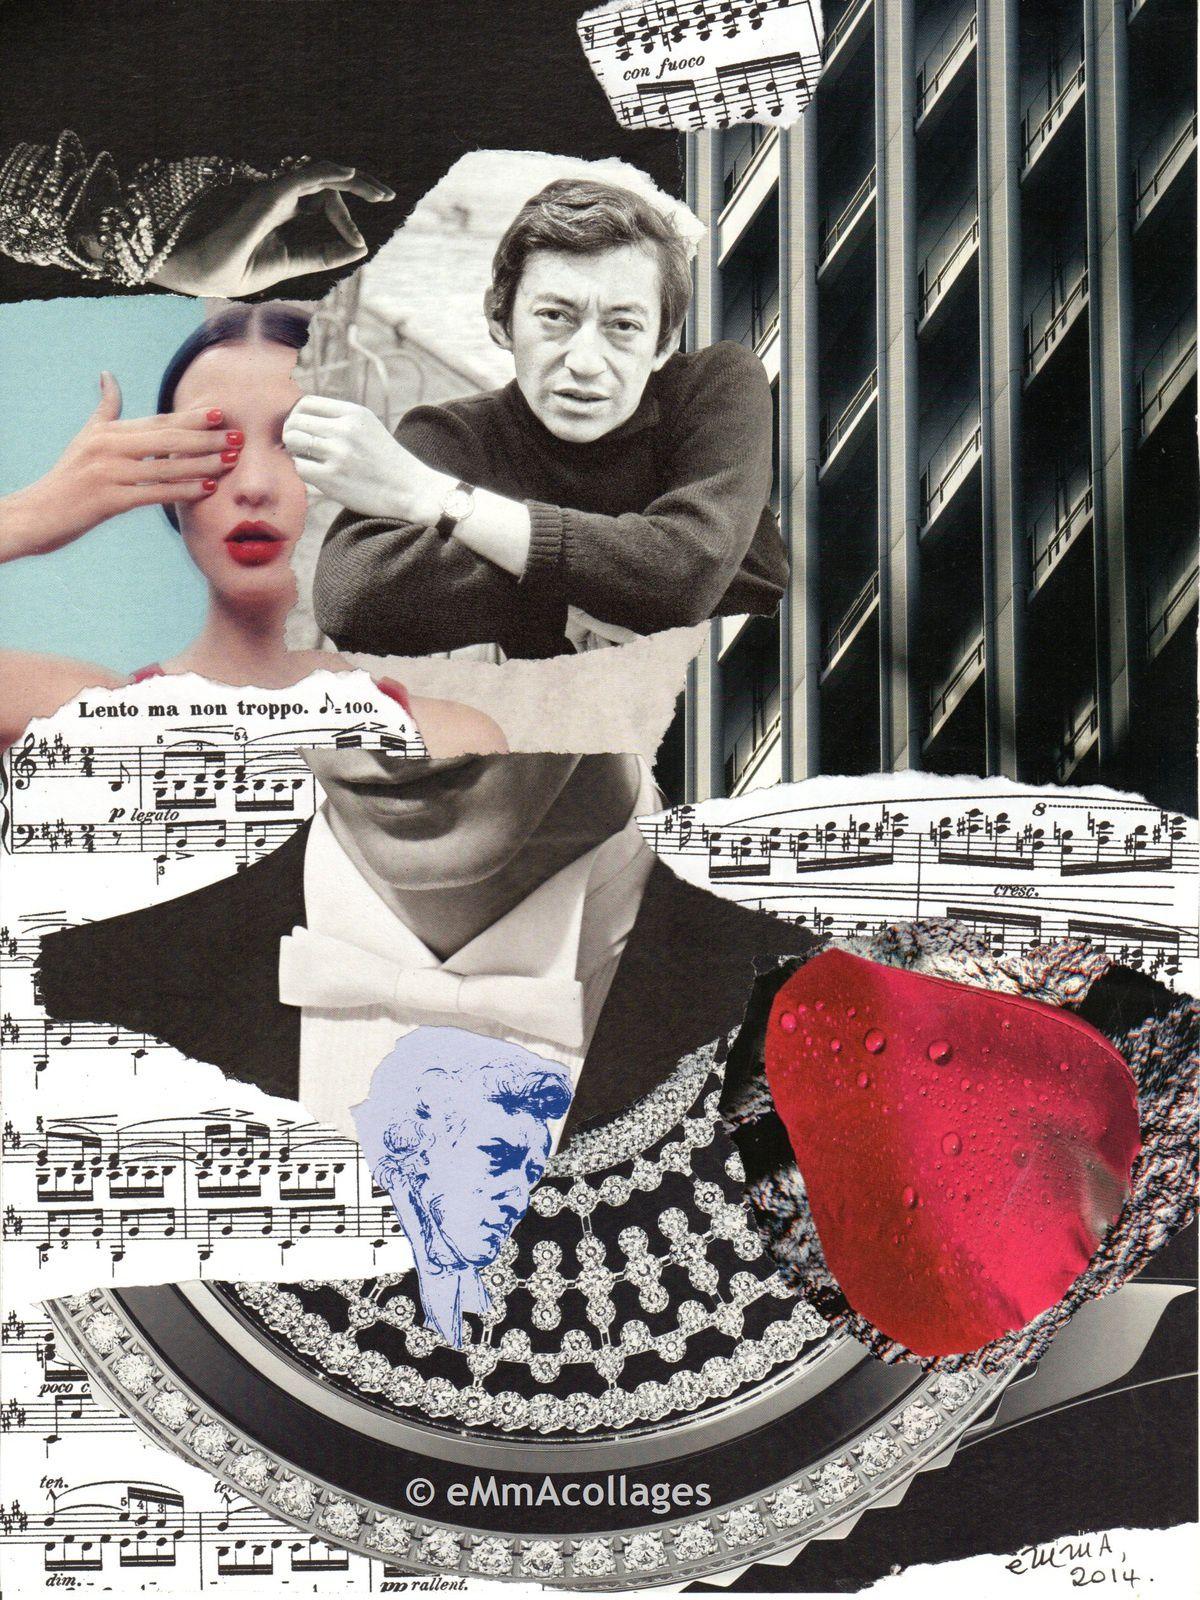 """Les collages d'eMmA MessanA, collage pièce unique """"Gainsblack"""""""